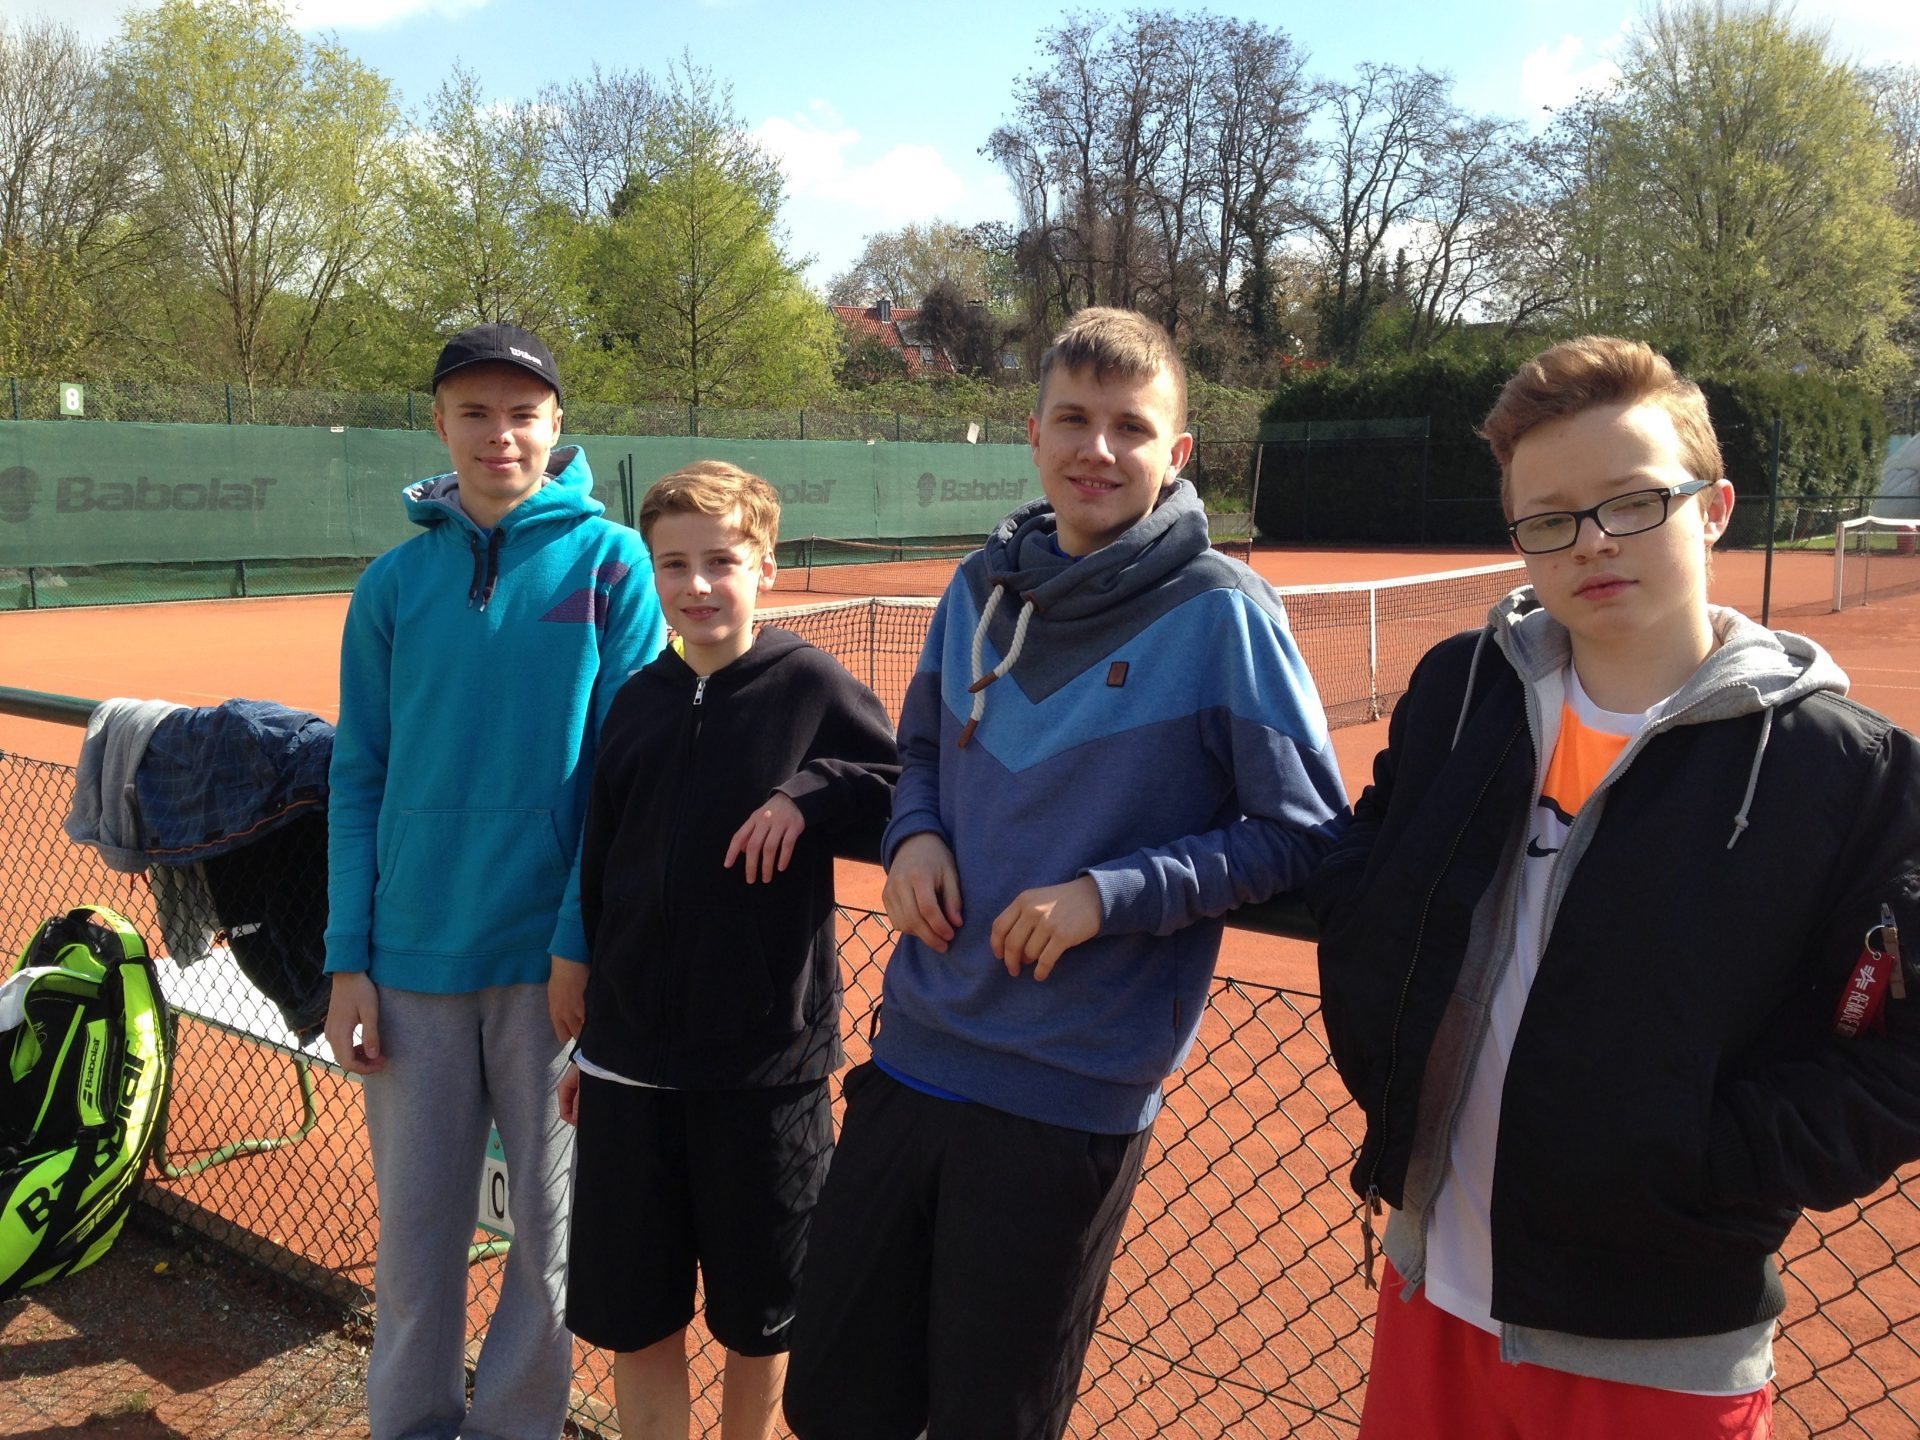 landessportfest-tennis